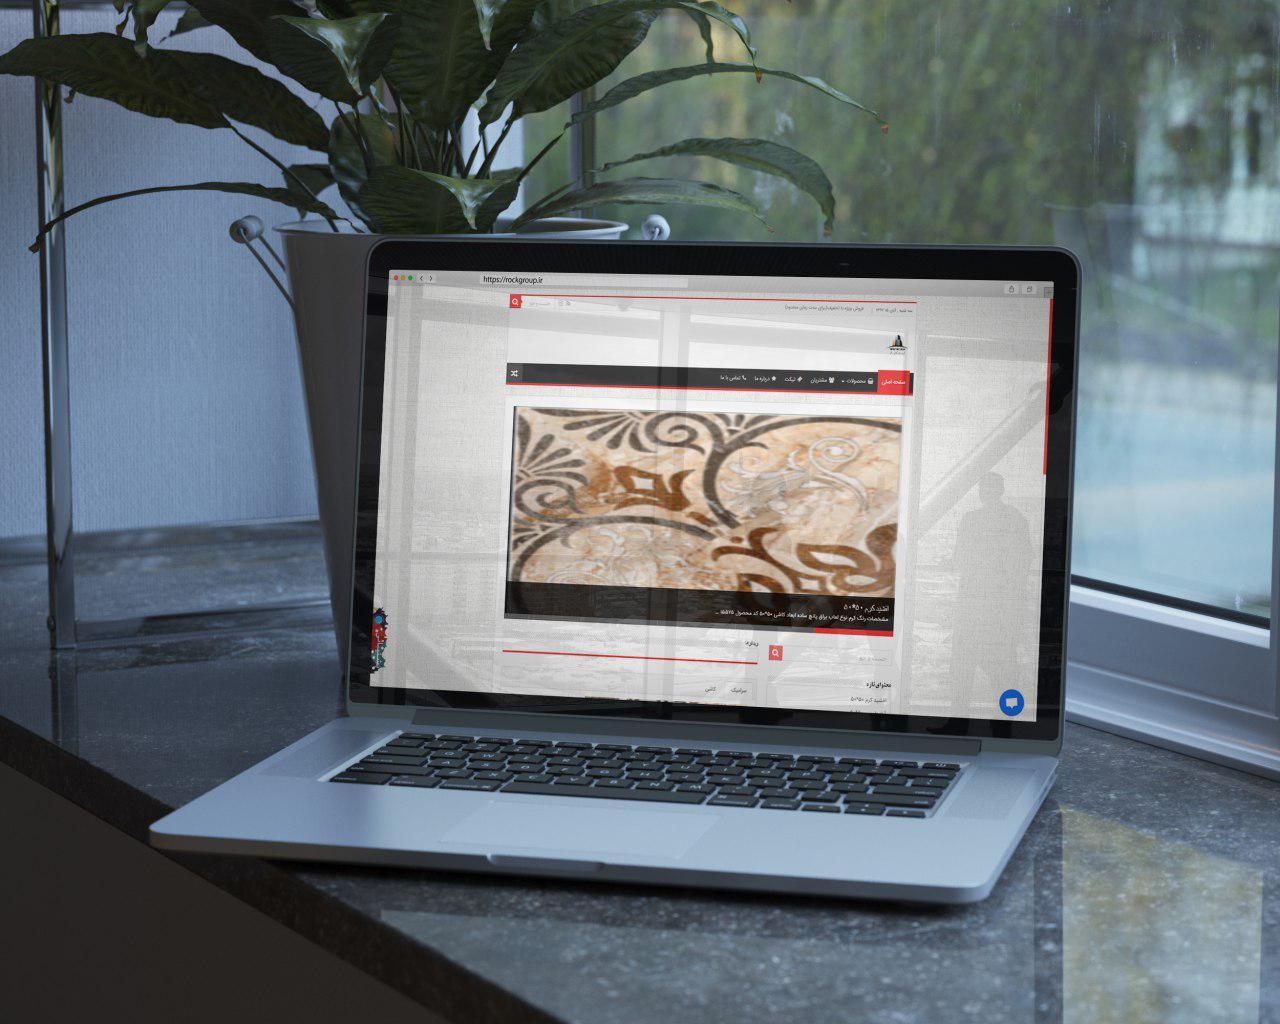 وب تور - وبتور - طراحی سایت - گروه بازرگانی راک - گروه بازرگانی